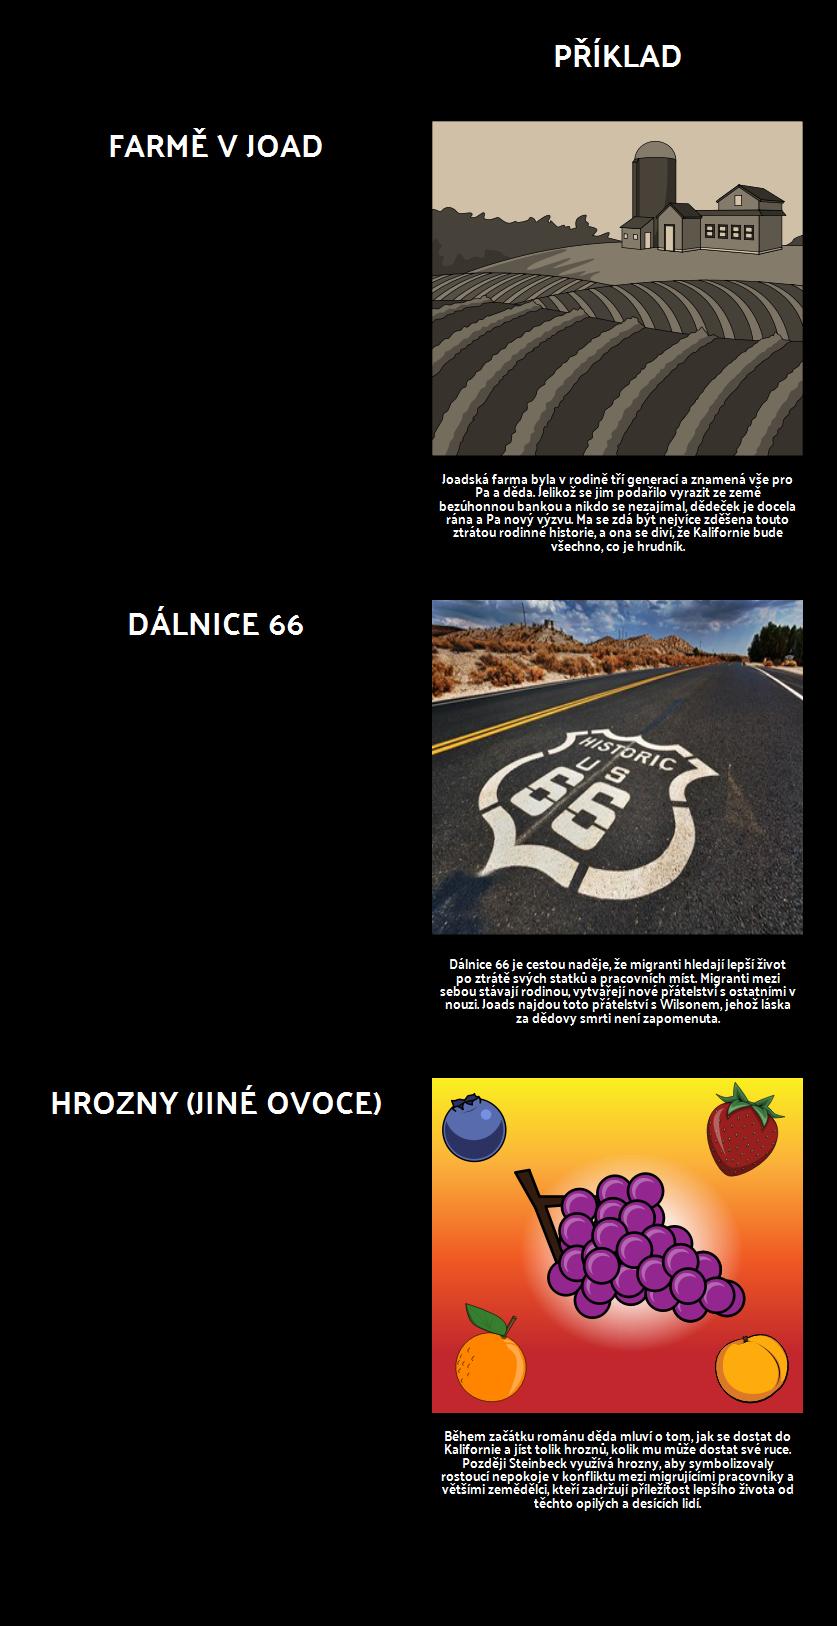 Motivy, Motivy a Symboly v Hrozny Hněvu